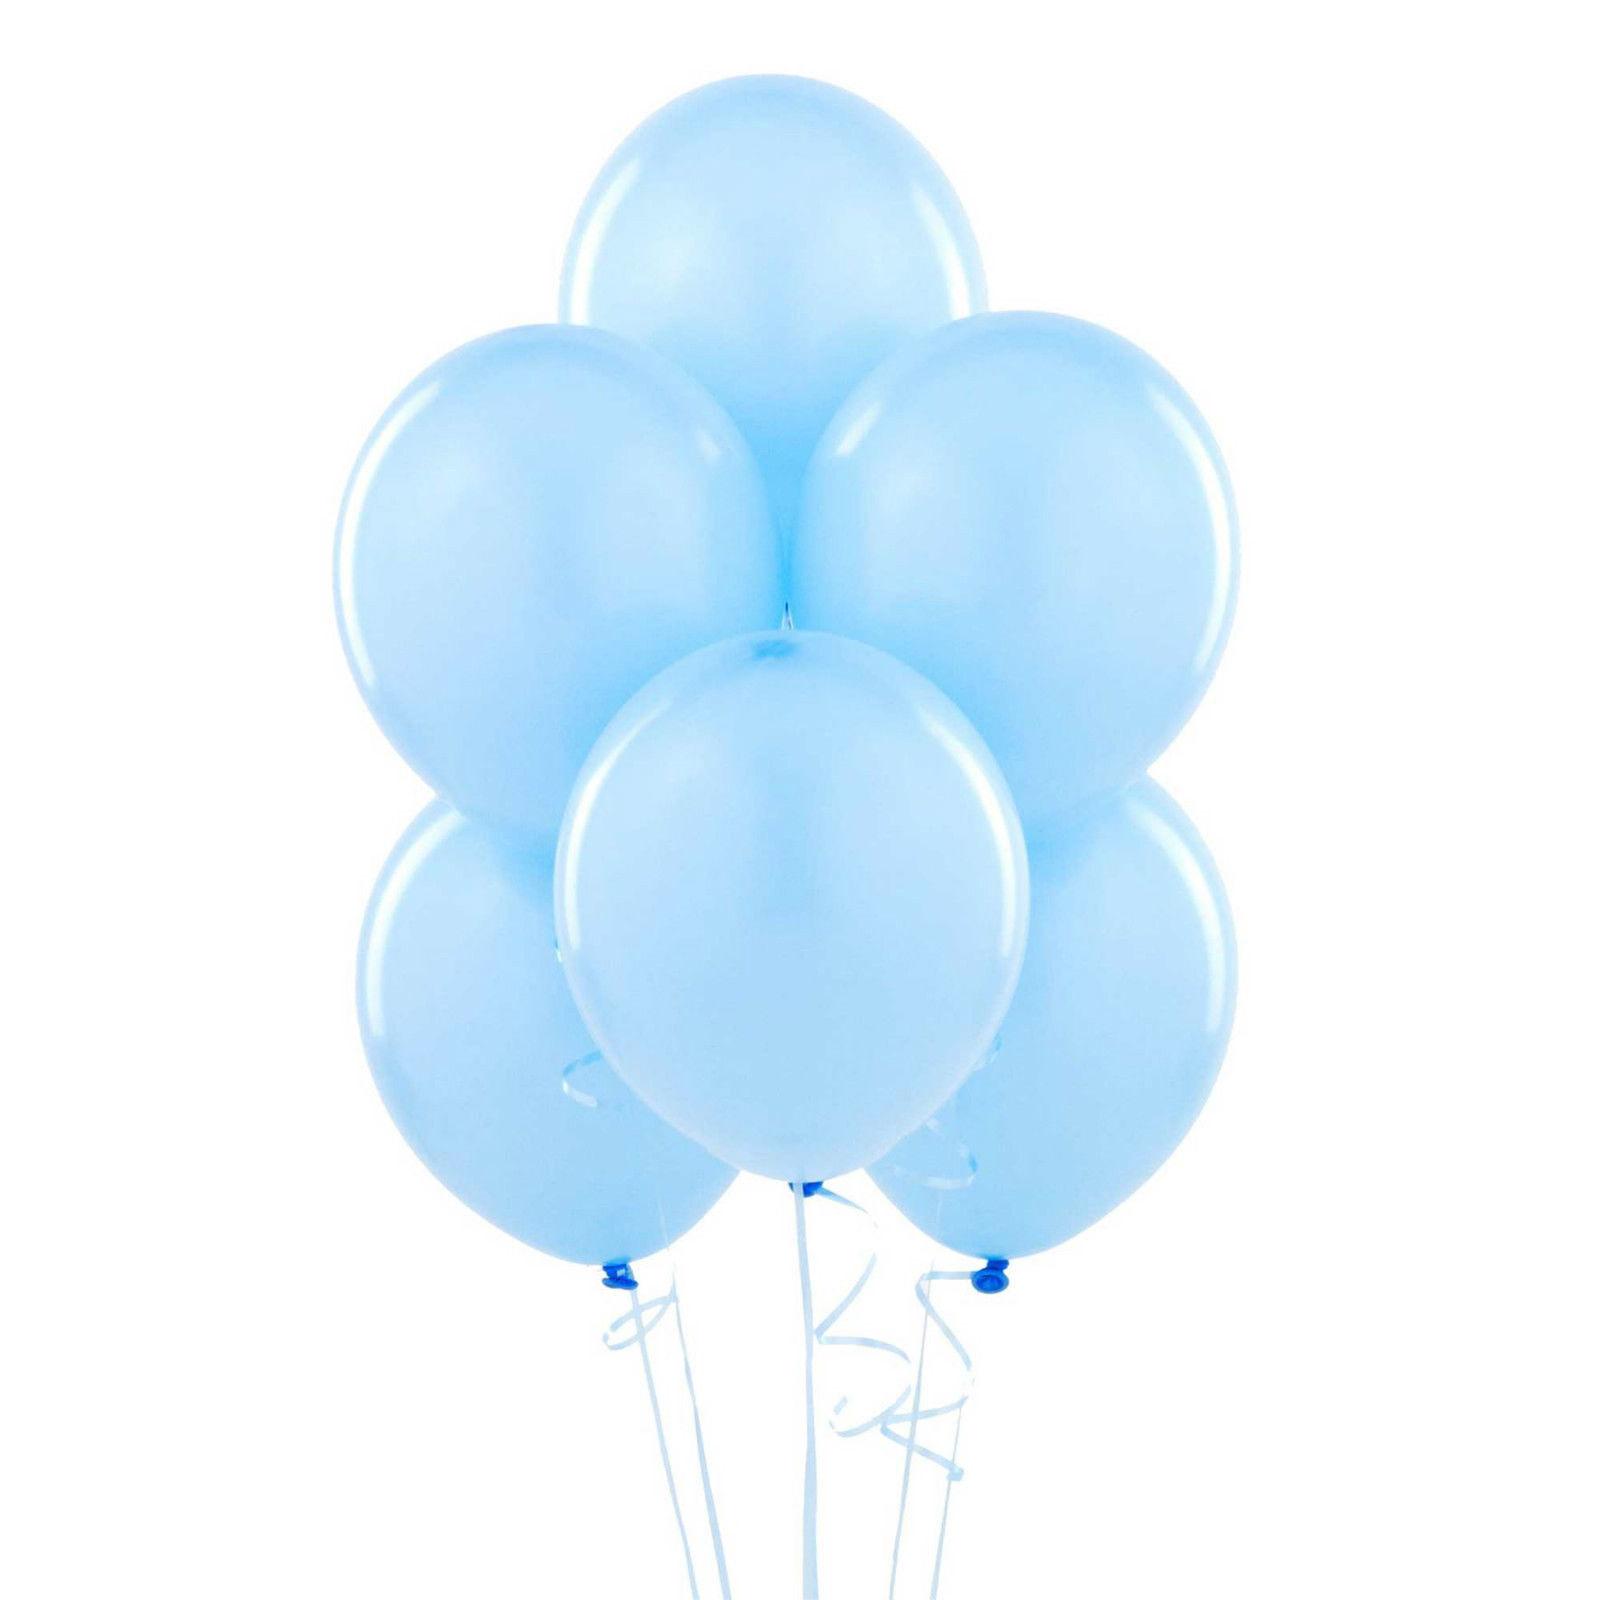 Coloreee All'ingrosso ingrosso Palloncini in Lattice grandi qualità prezzo ingrosso All'ingrosso PARTY PALLONCINI Baloons 35789f